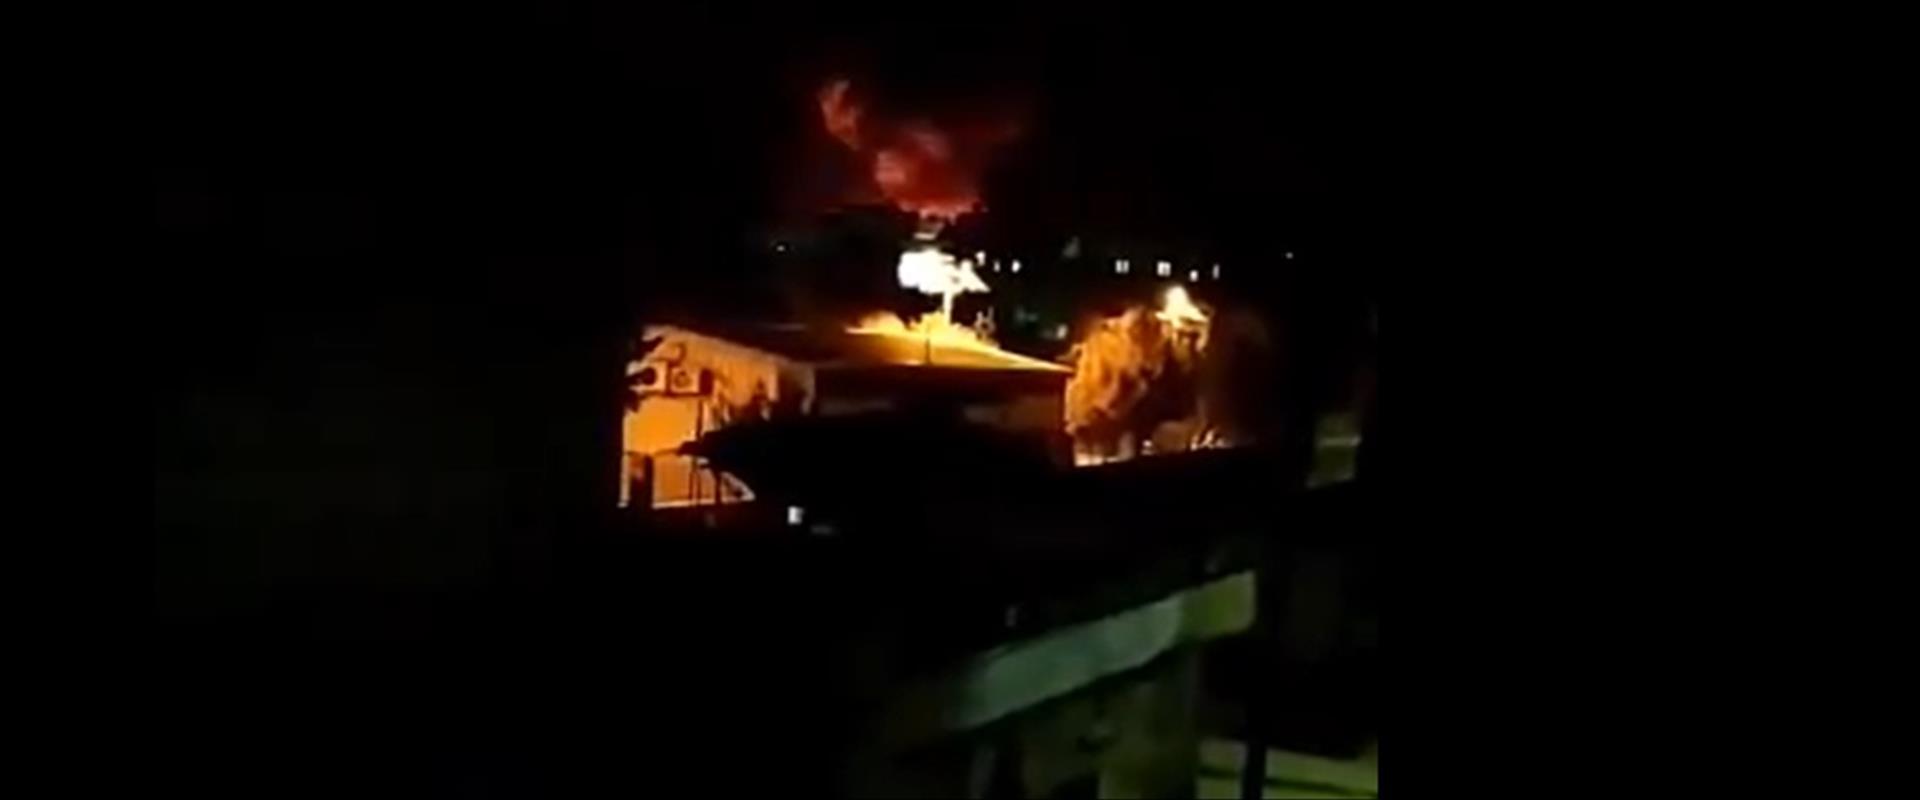 תיעוד מאחת התקיפות בסוריה